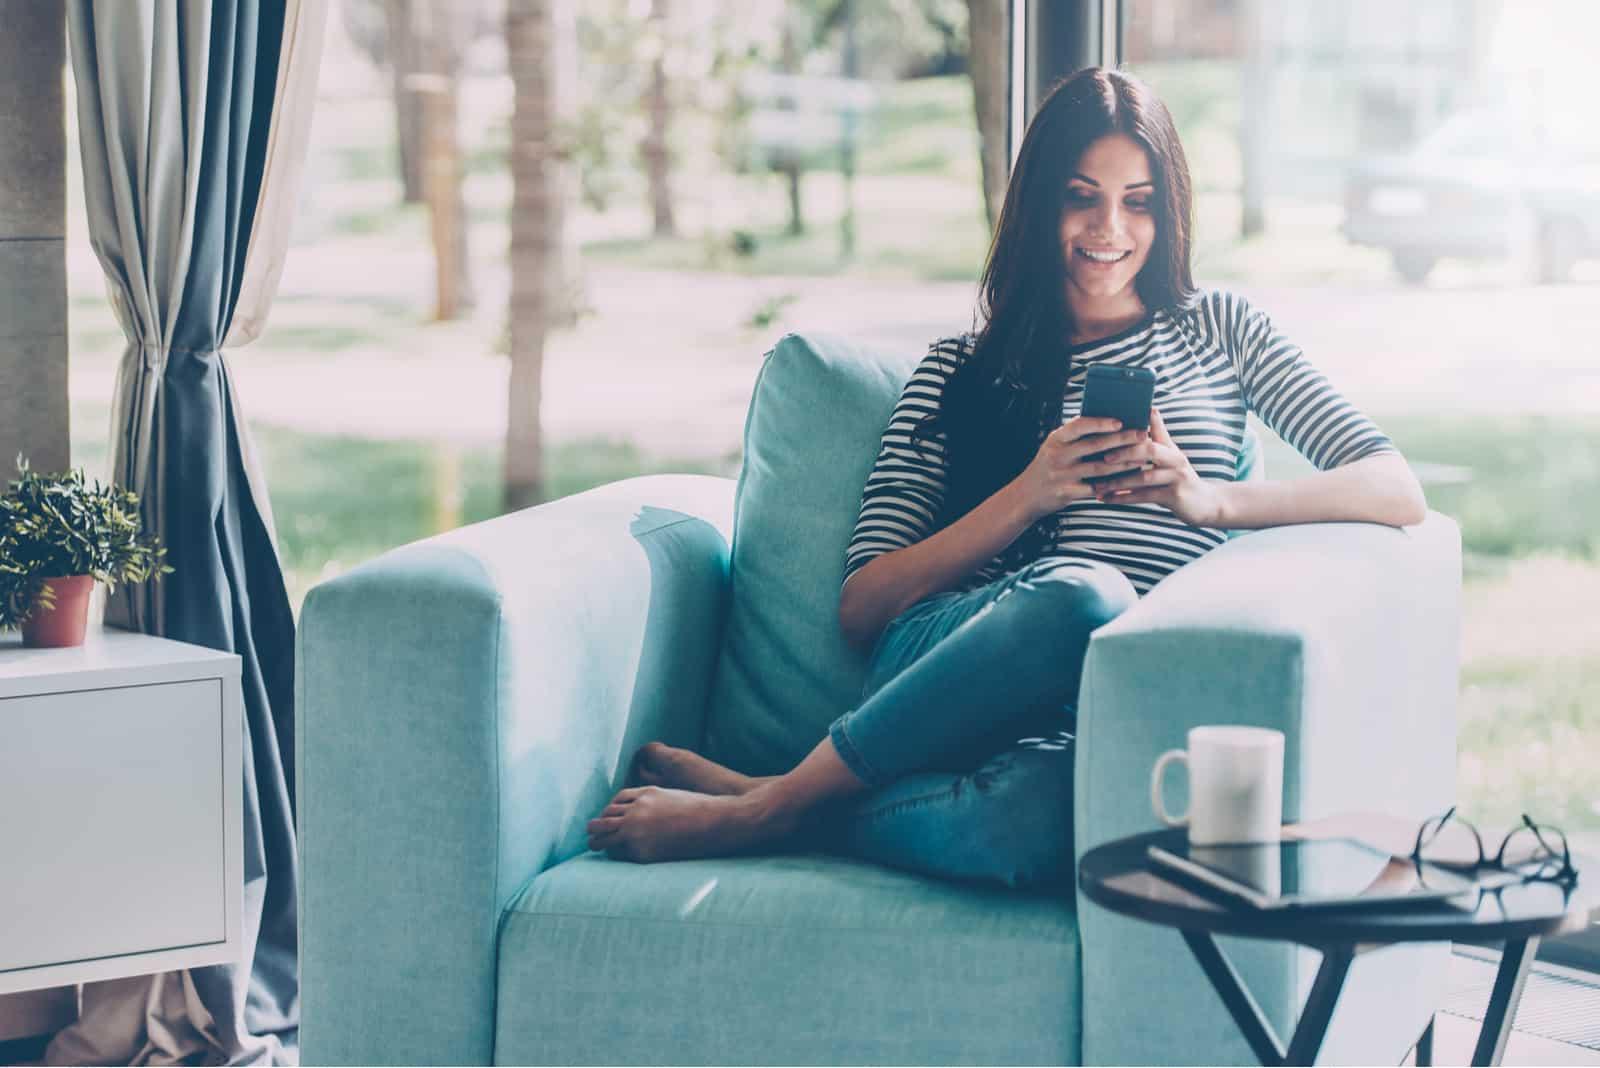 Une jeune femme aux longs cheveux noirs est assise dans un fauteuil et des boutons sur le téléphone